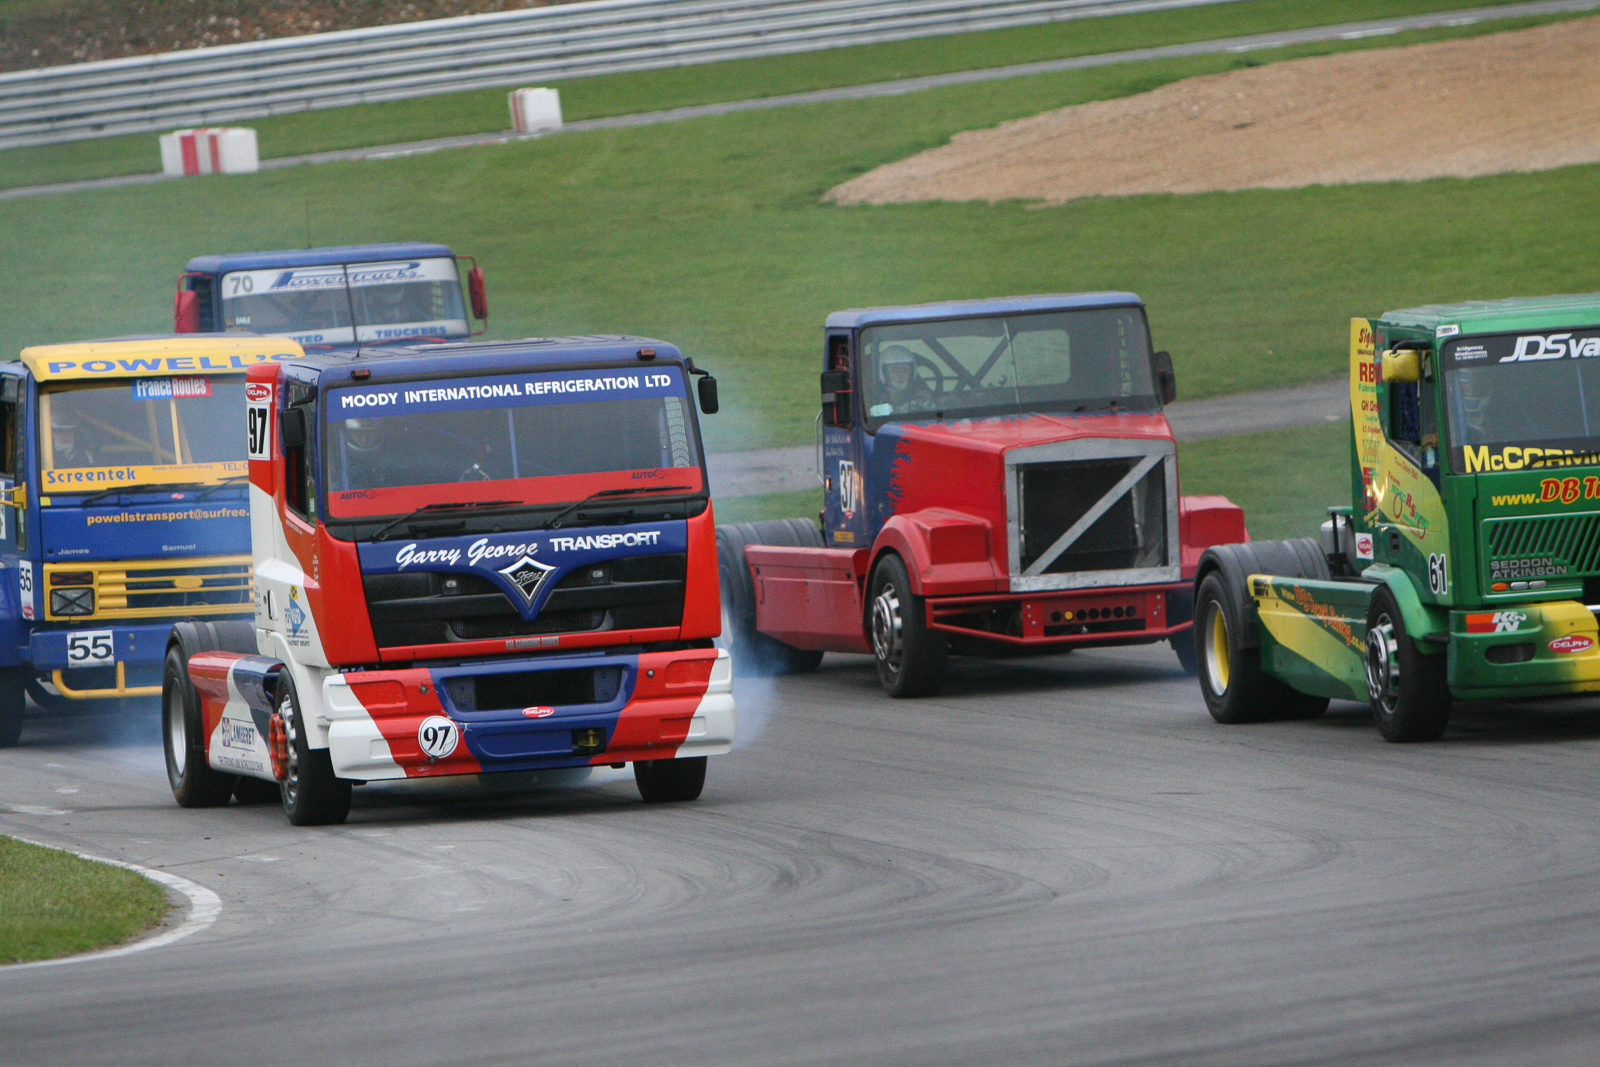 20071103 - Truck Racing Brands -071103 -058